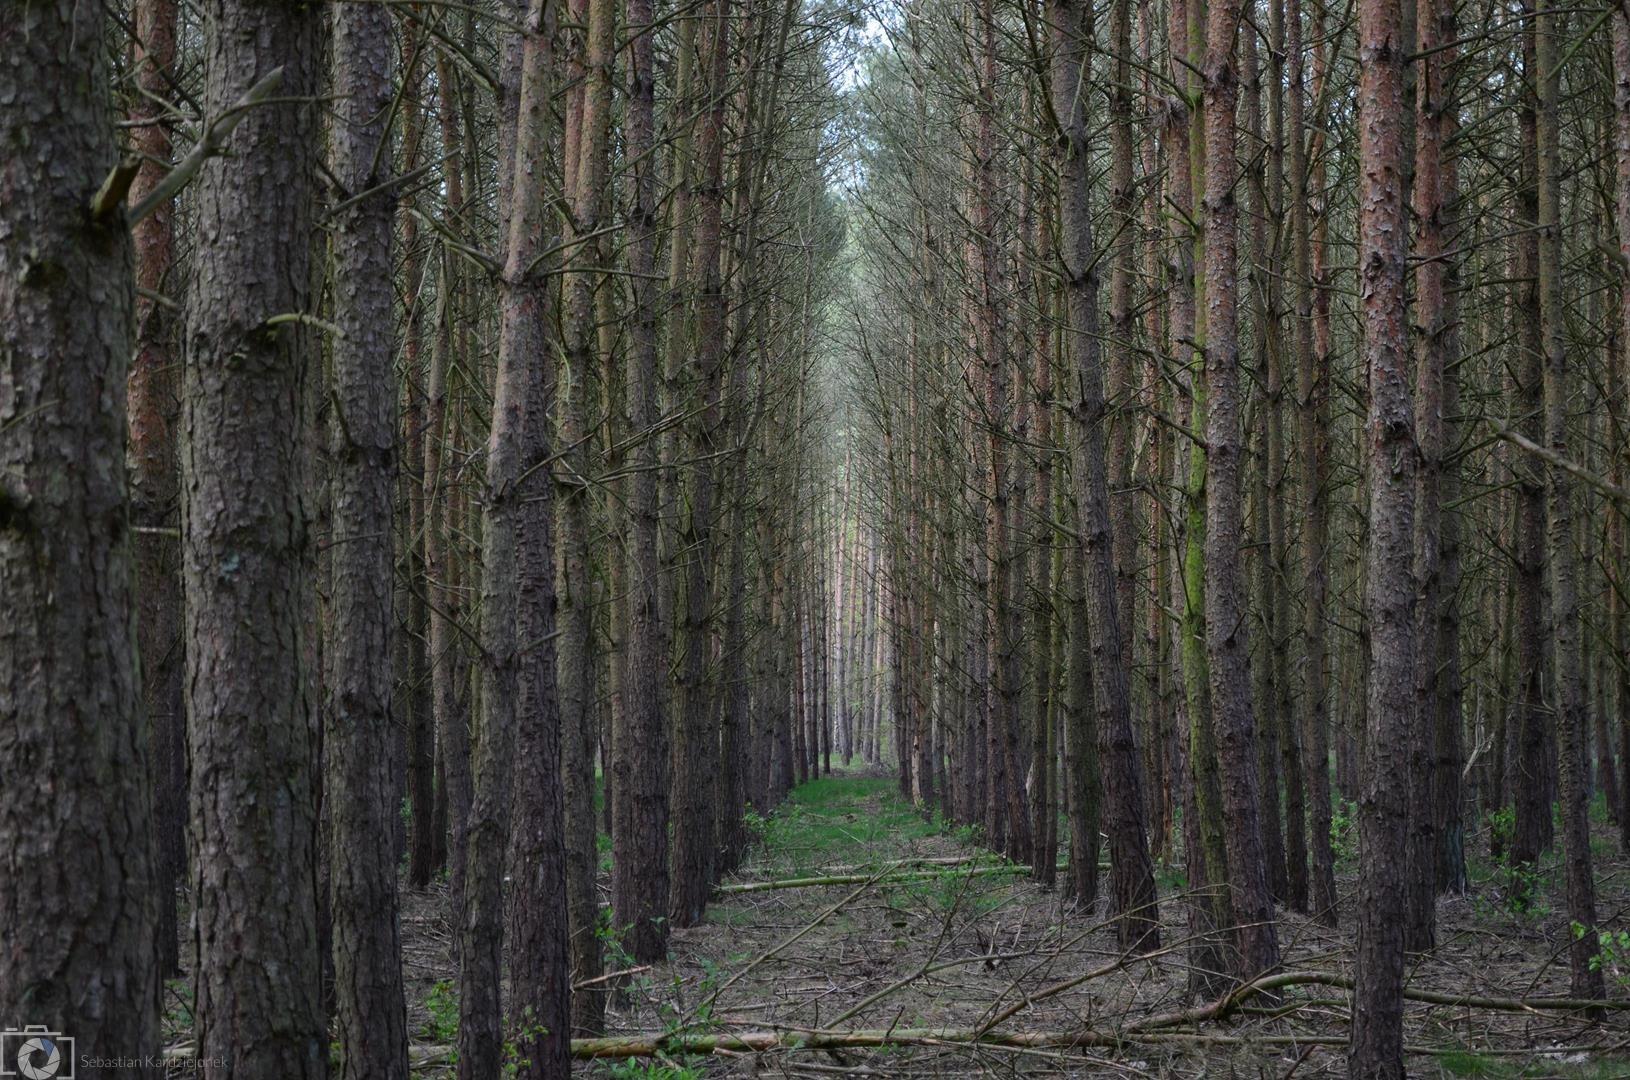 Mroczny las - Sebastian Kardziejonek Portfolio